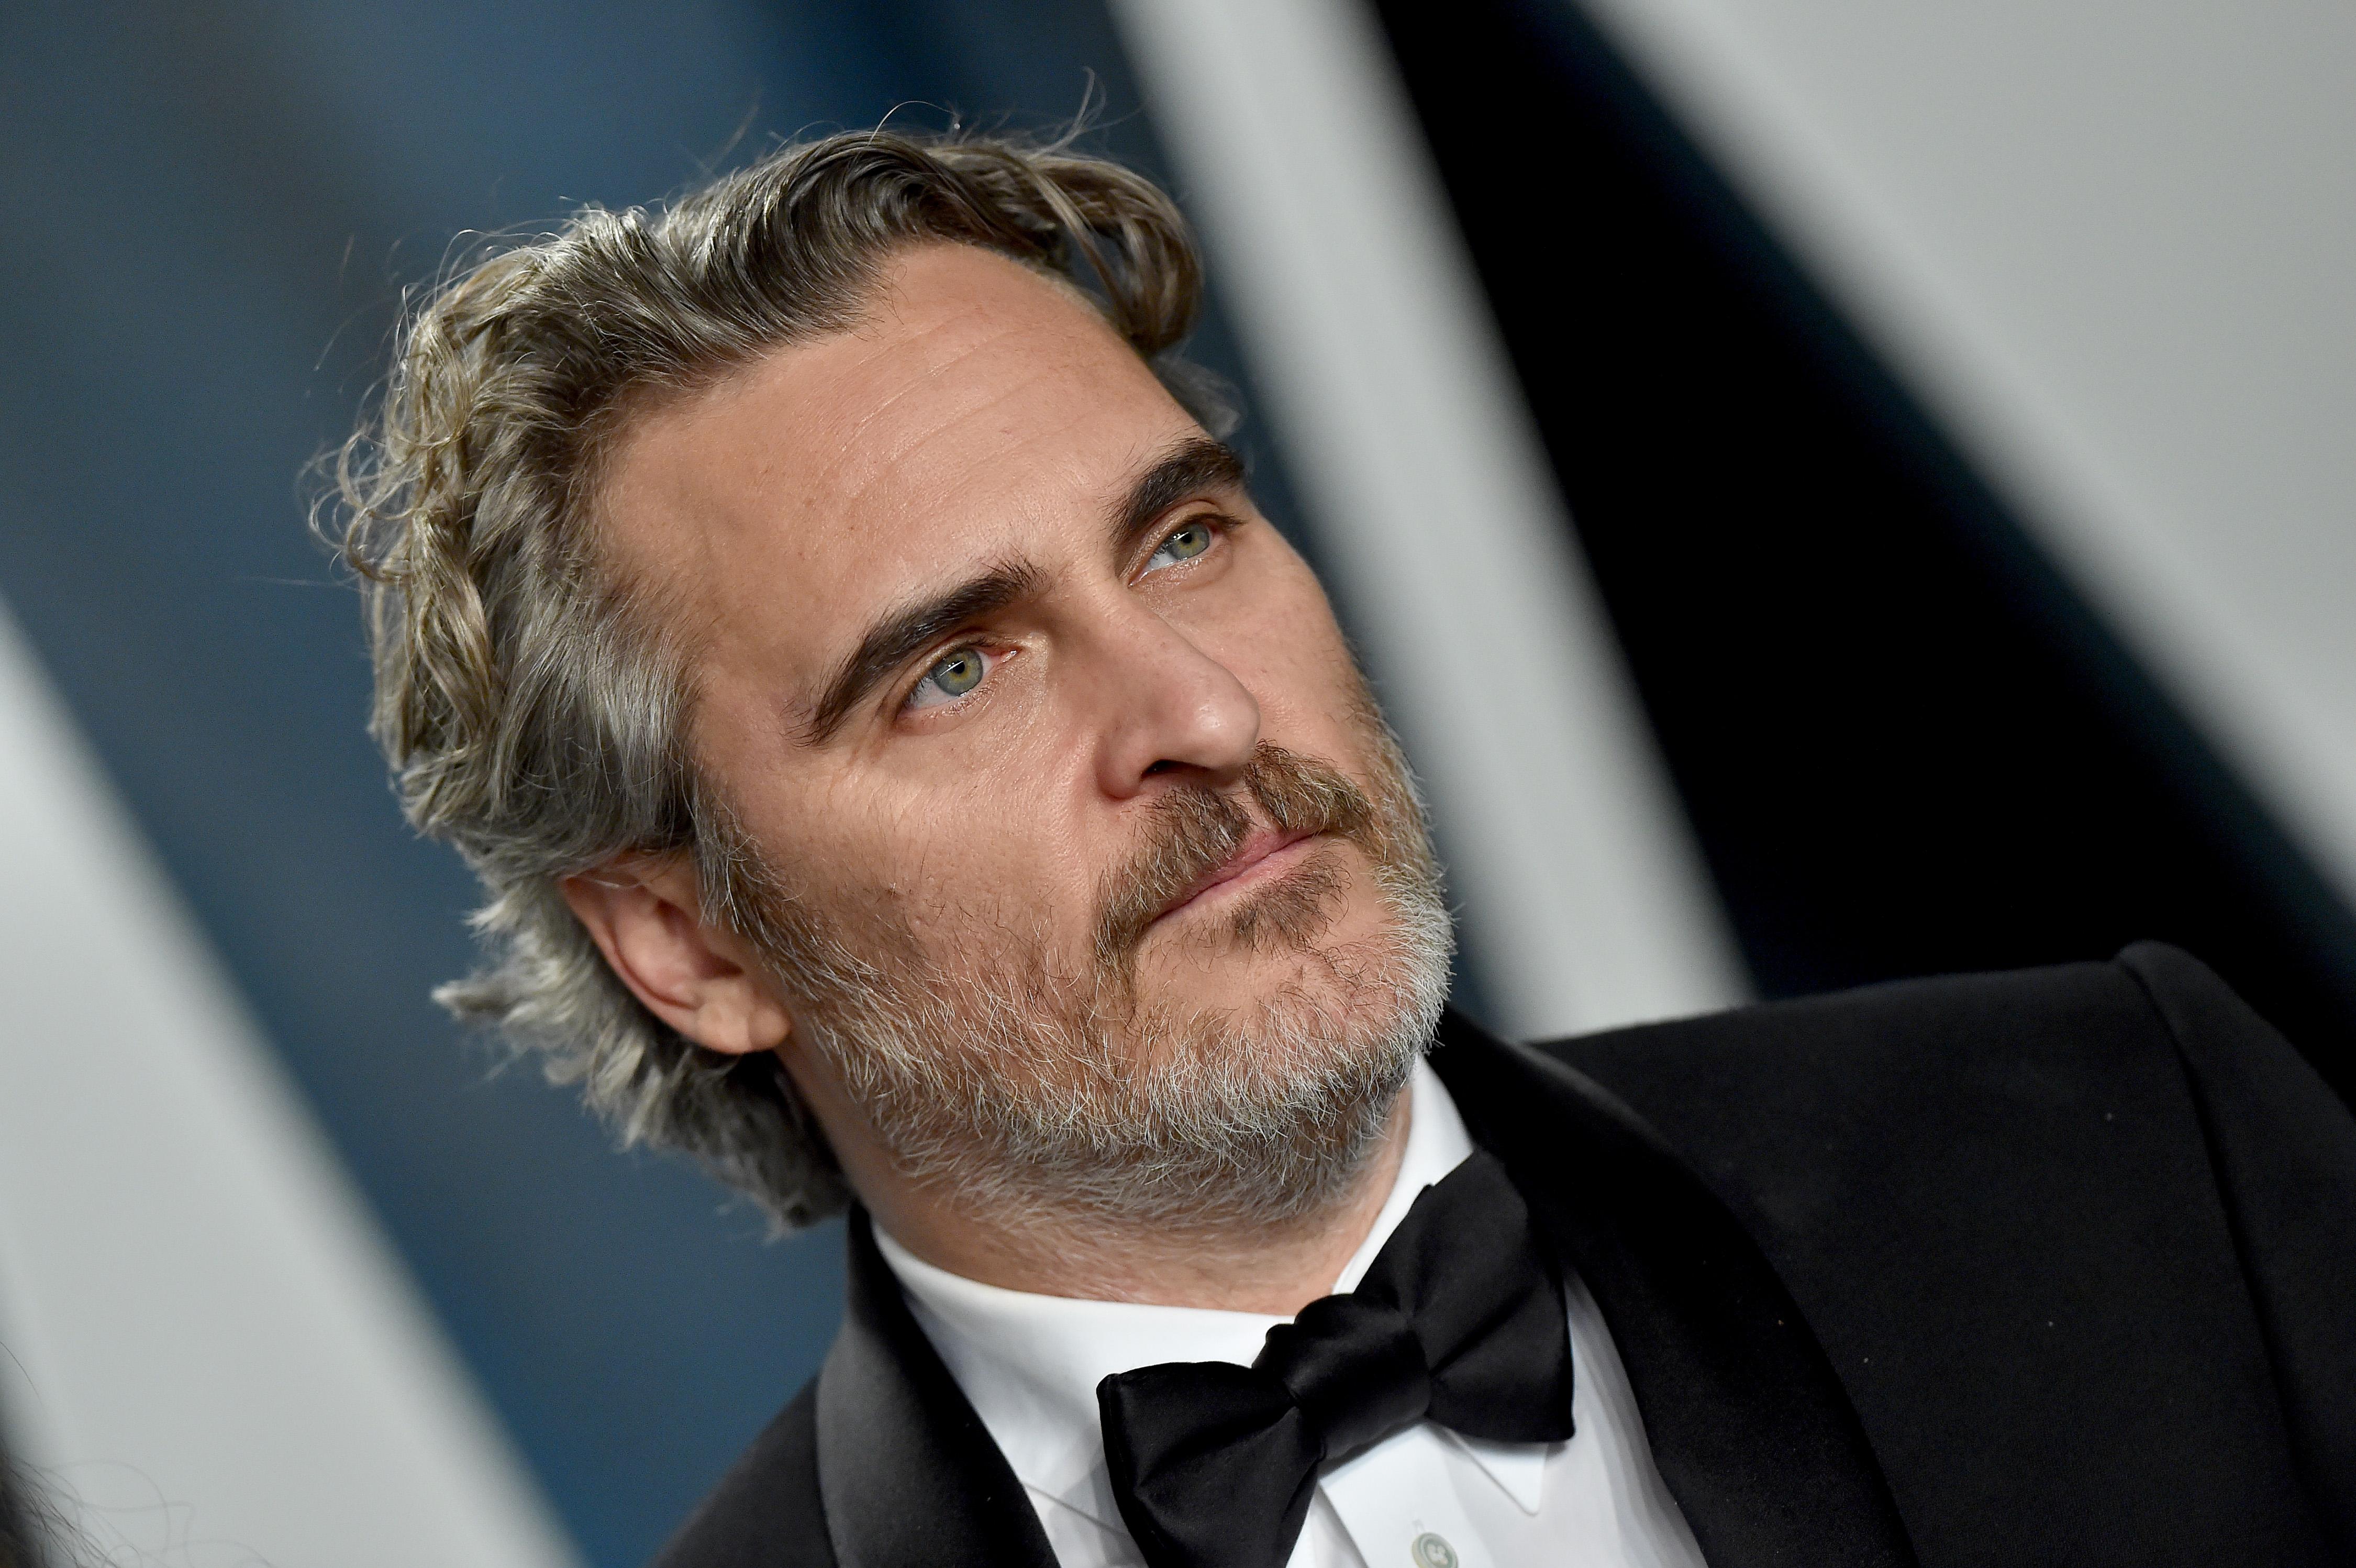 Joaquin Phoenix in a tuxedo